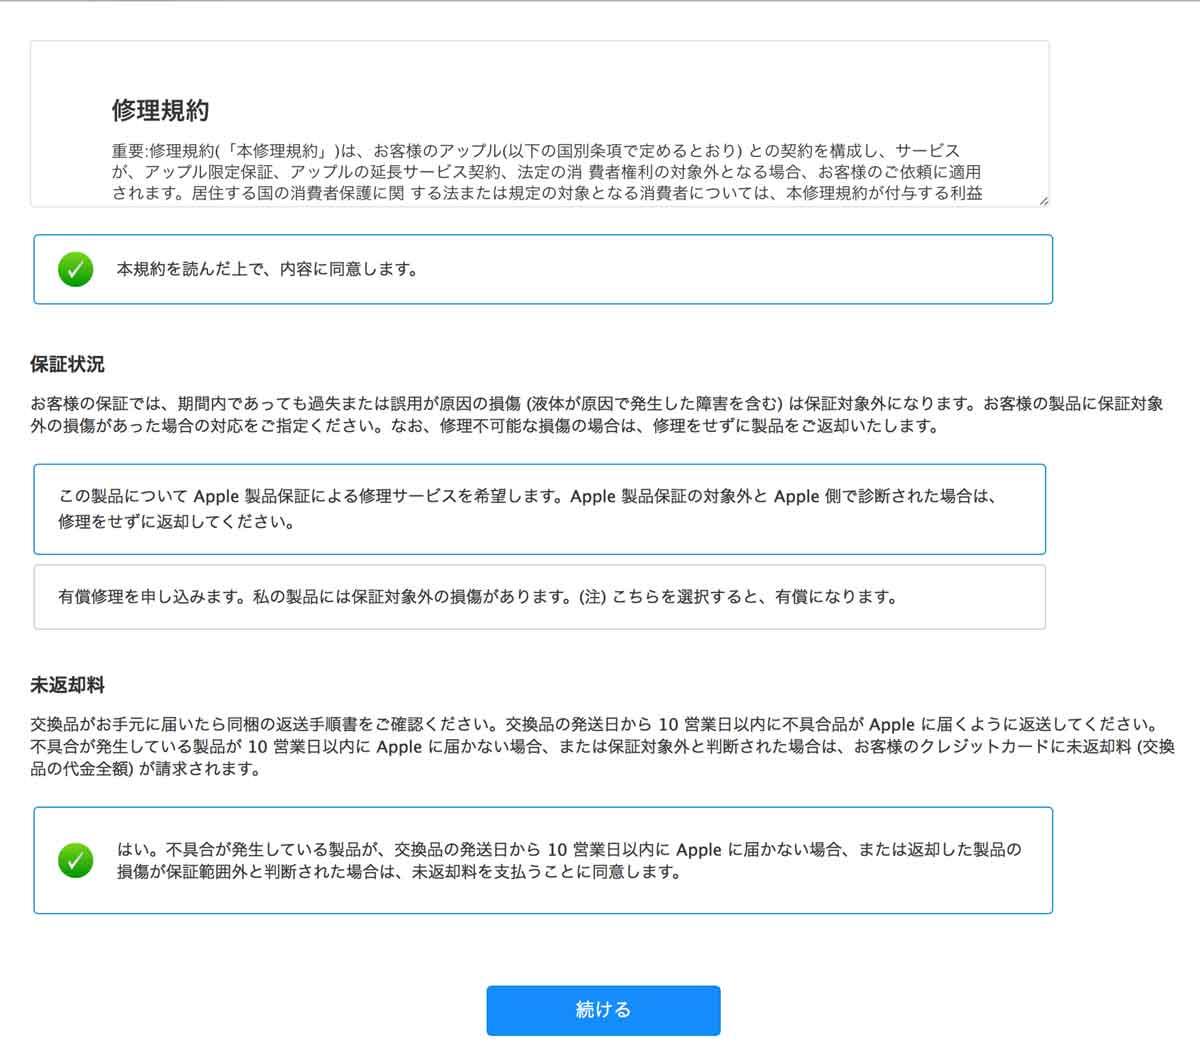 iPhoneのライトニングケーブル交換、規約に同意